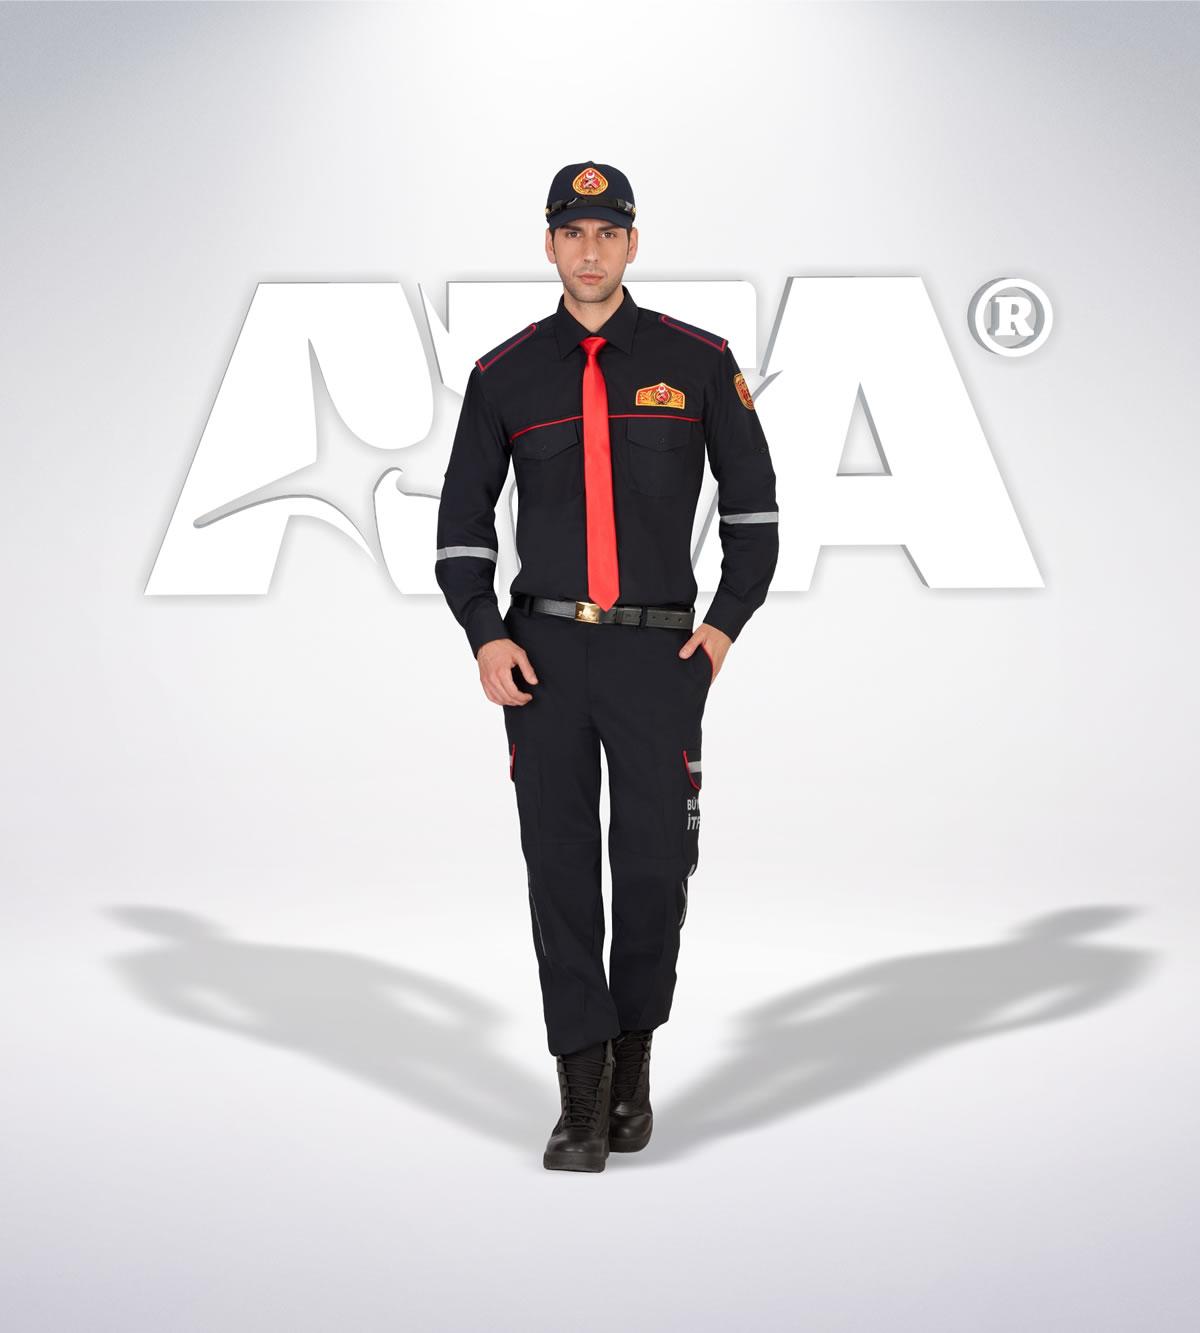 ATA 307 - Ribstop kumaş pantolon - ribstop gömlek - aksesuar -reflektör - itfaiye elbiseleri | itfaiye üniformaları | itfaiye kıyafetleri